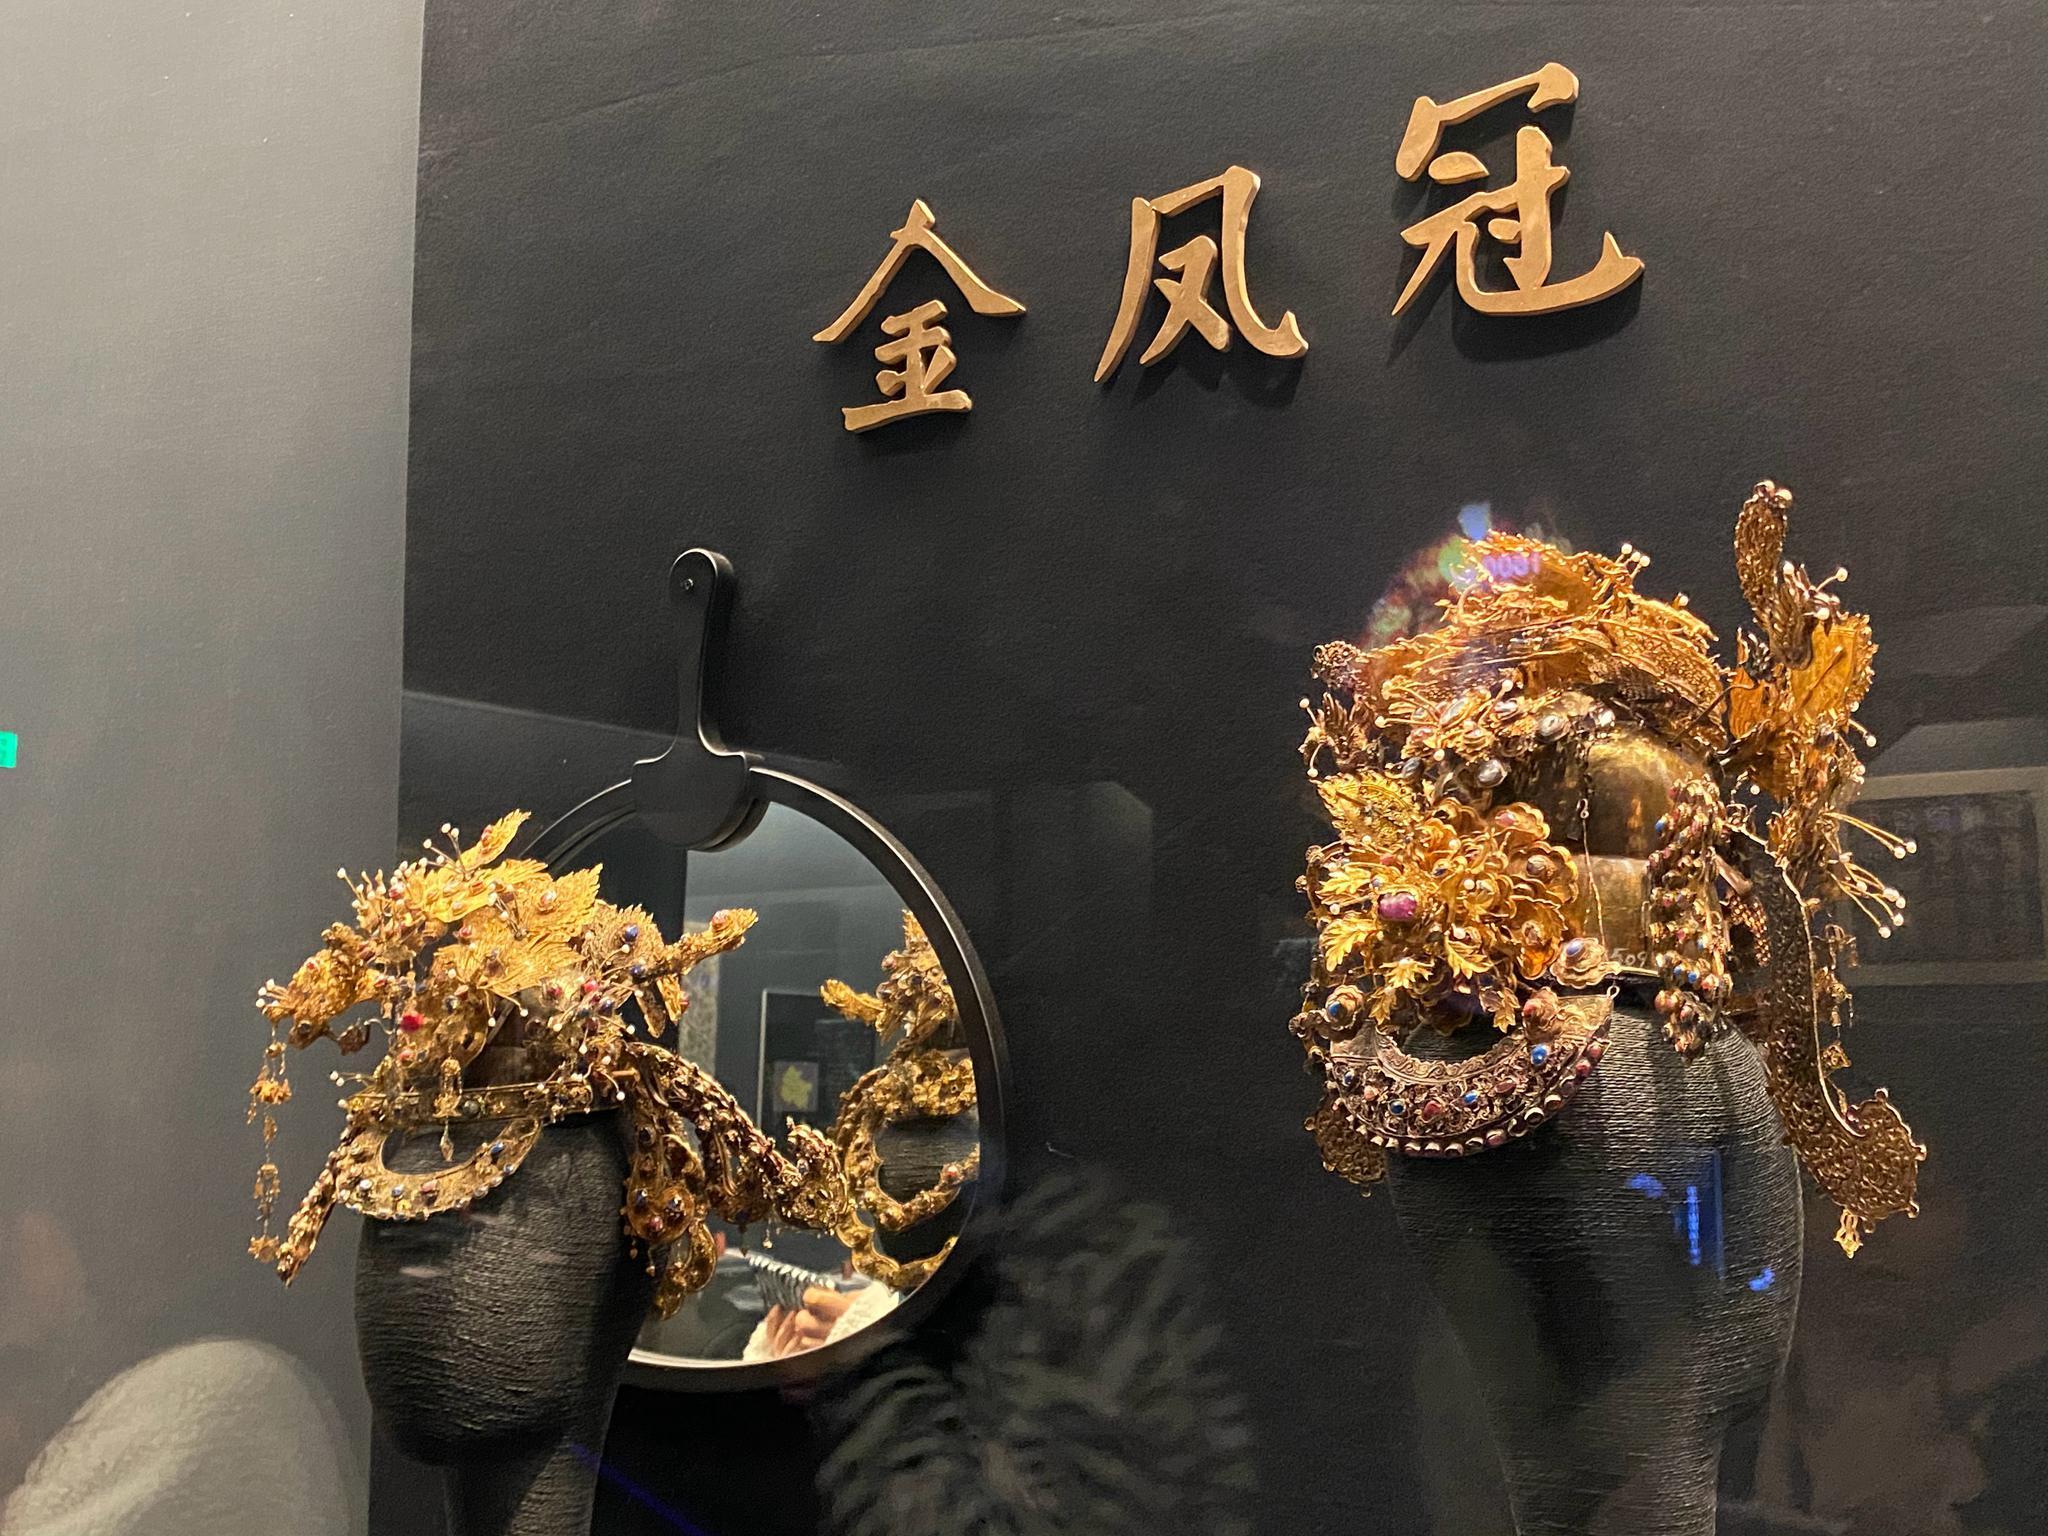 贵州博物馆通史展展出的东西不多,展线也比较短和混乱